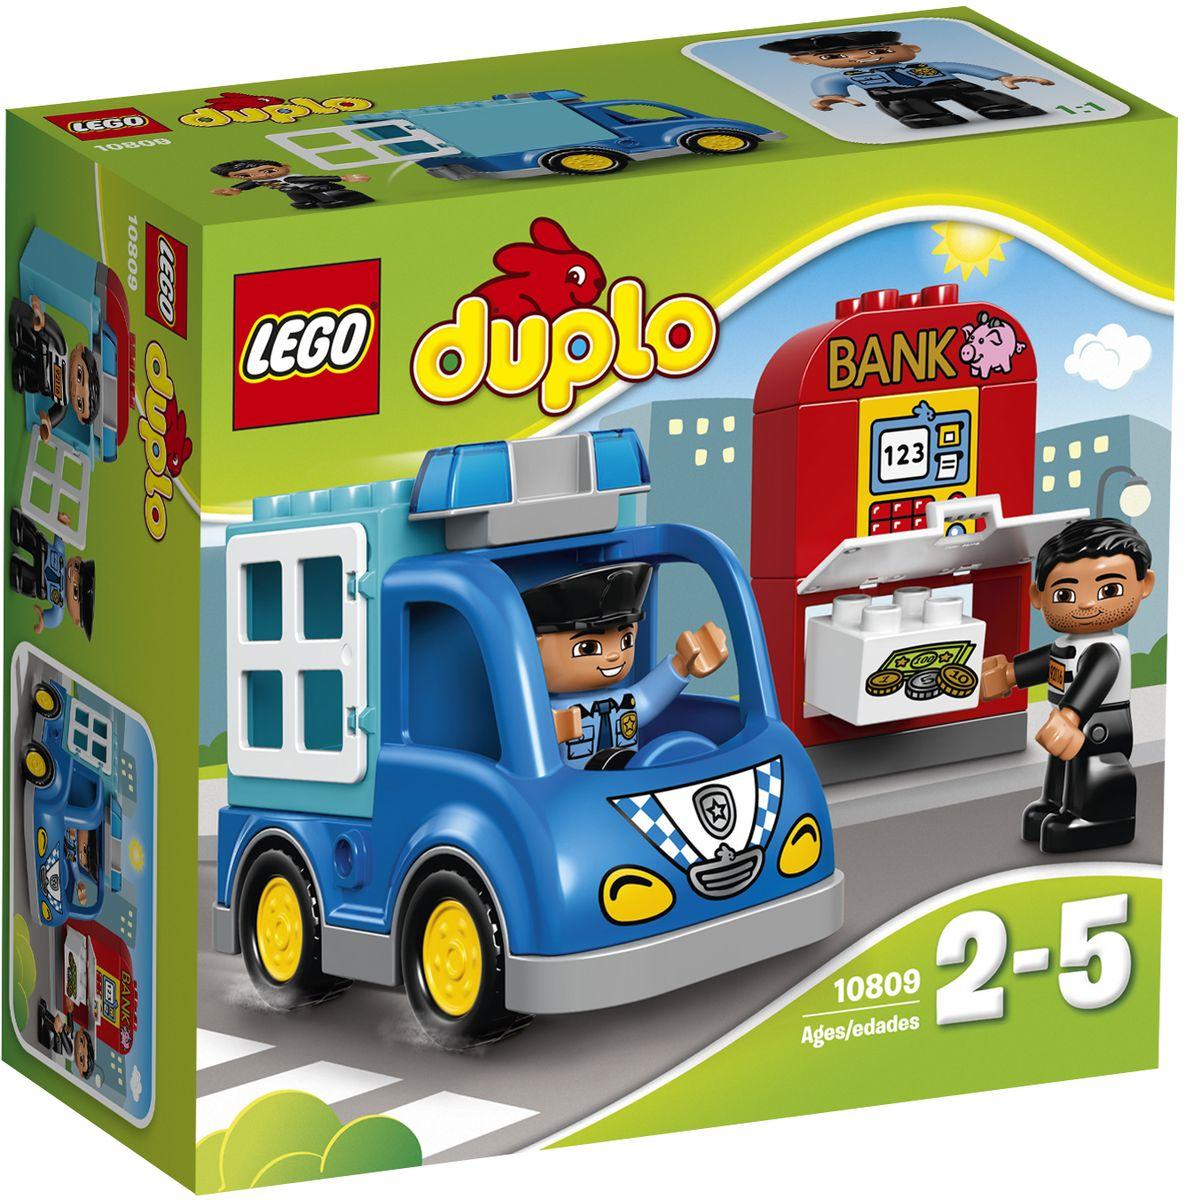 LEGO DUPLO Конструктор Полицейский патруль 10809 - Игрушки для малышей